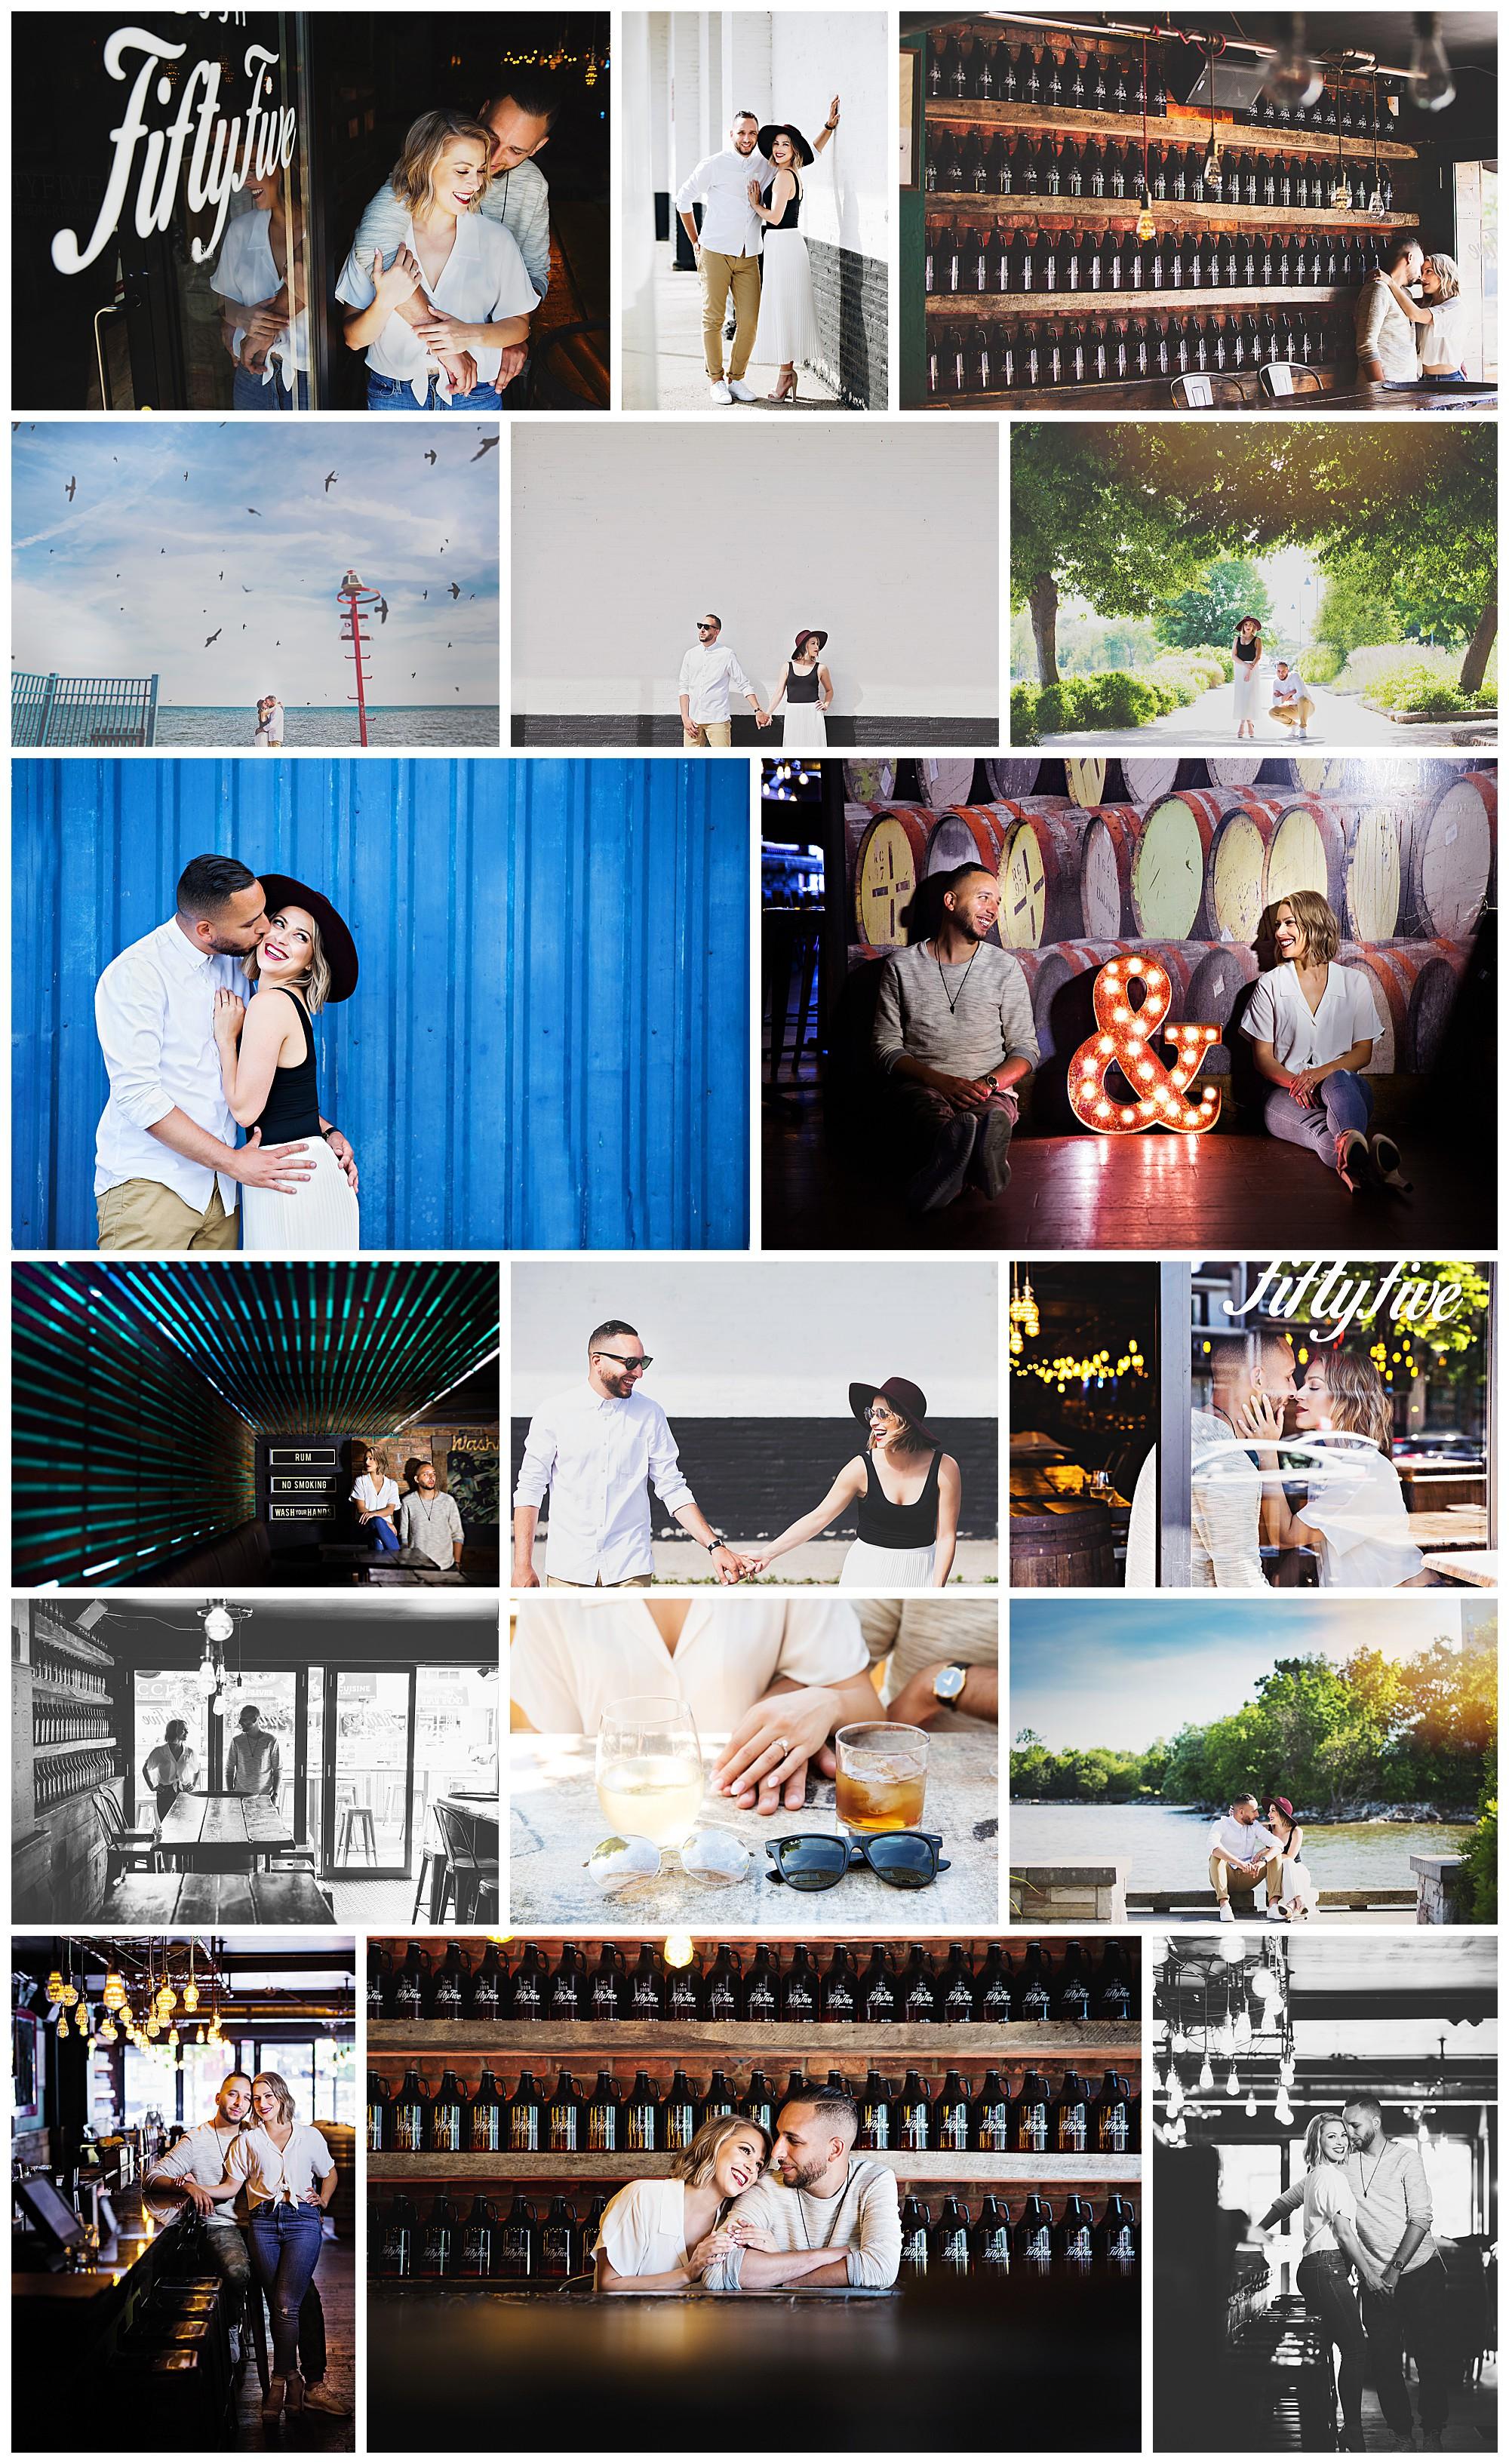 Door FiftyFive Pub & Restaurant, Port Credit, Ontario engagement photos by VanDaele & Russell